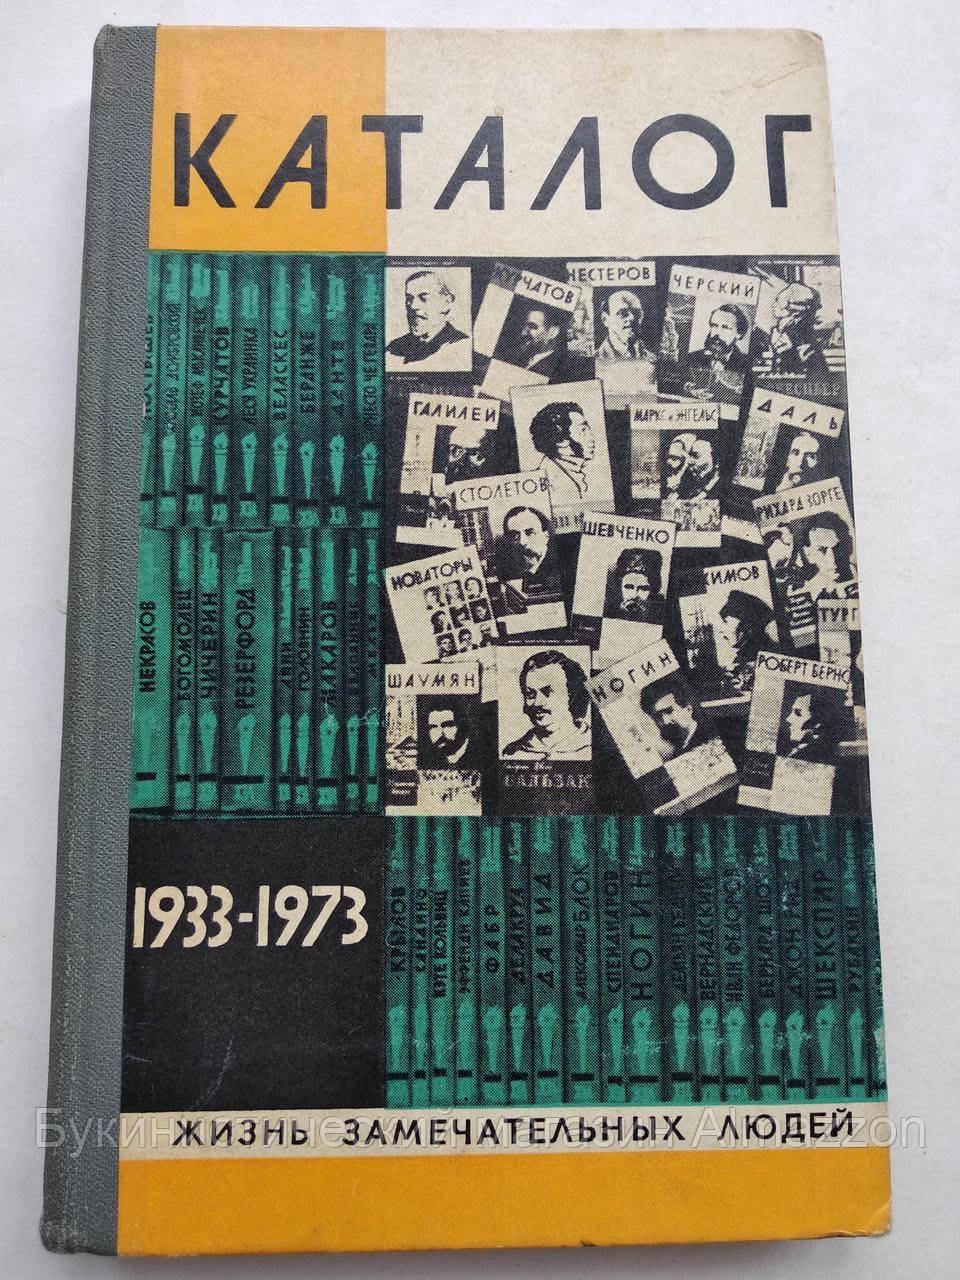 Каталог ЖЗЛ 1933-1973 Жизнь замечательных людей